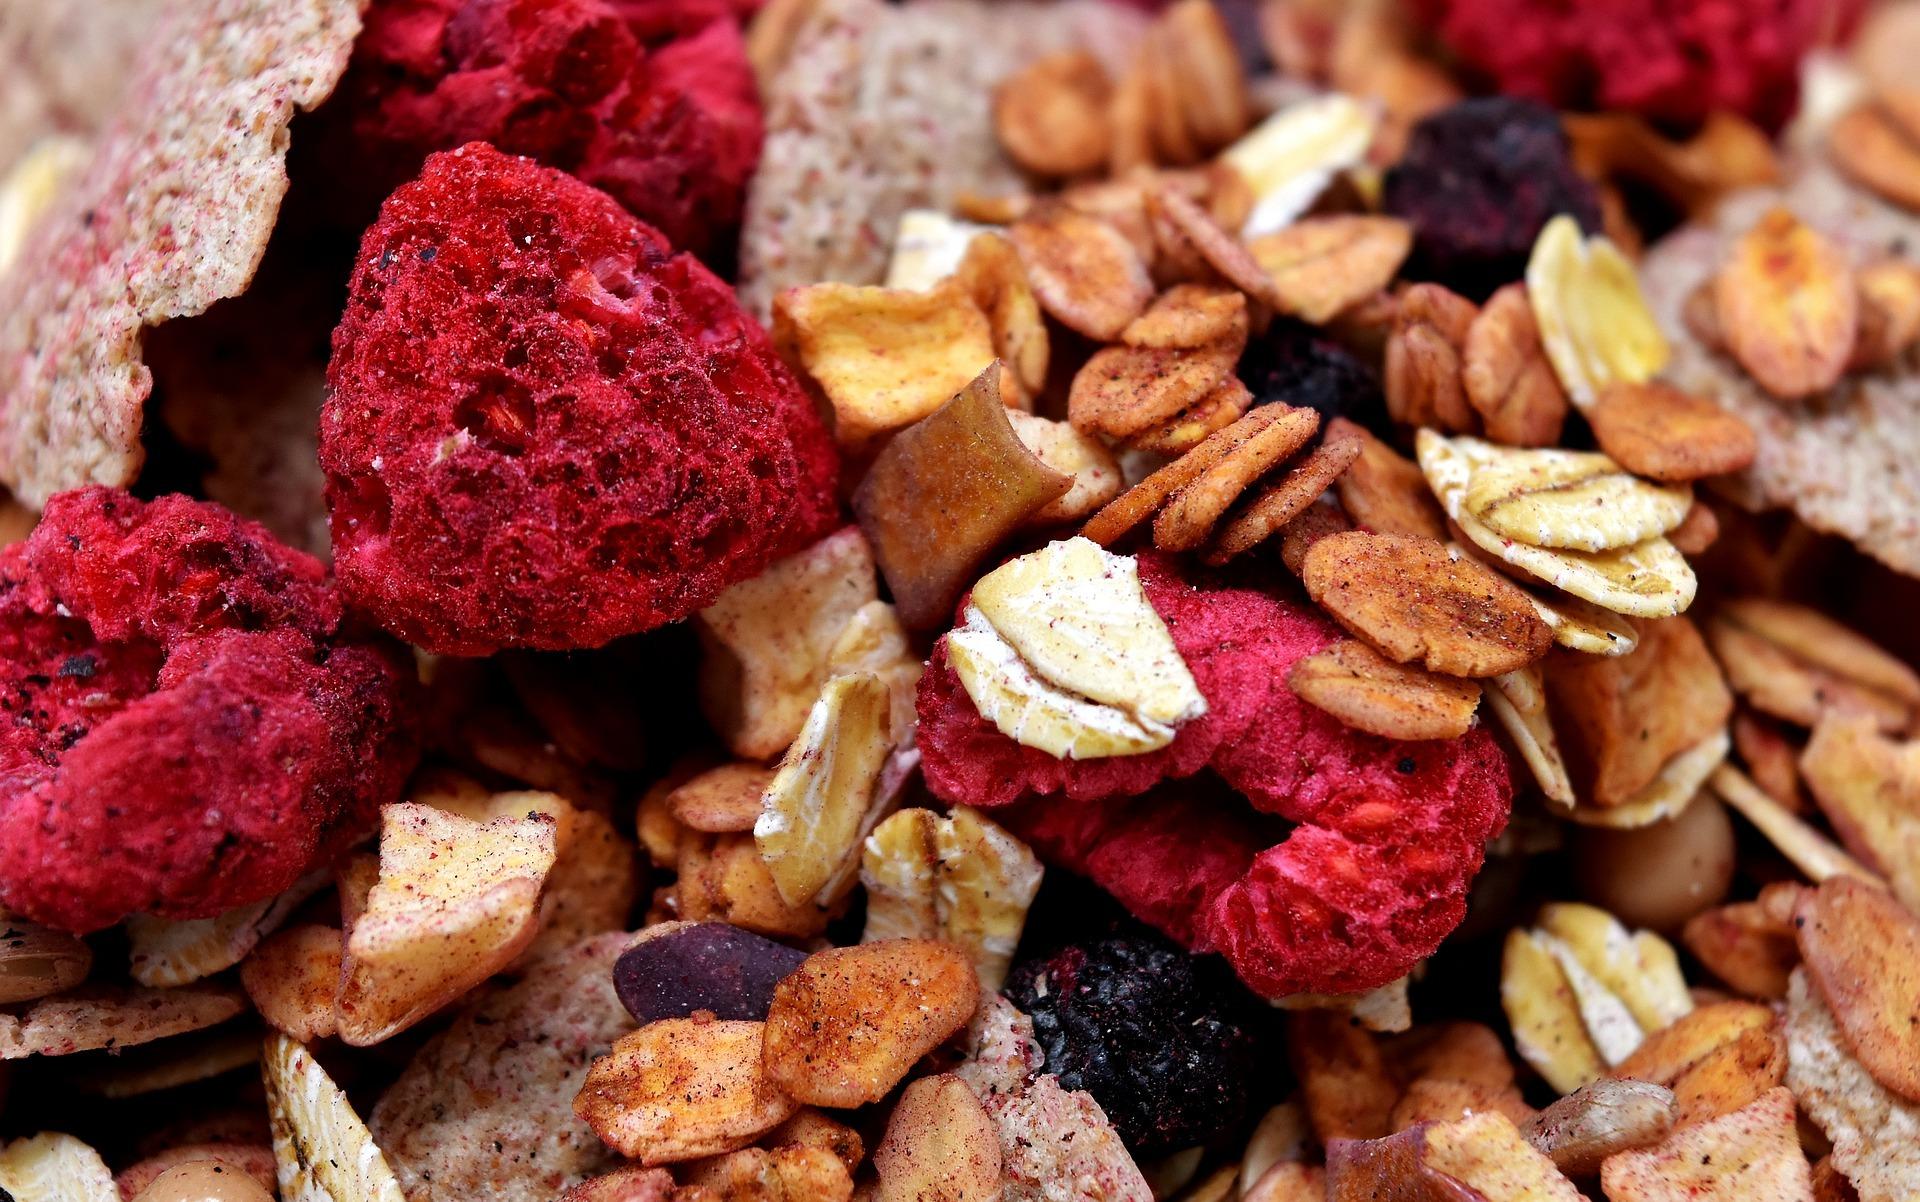 Ernährung – ganz gesund auf ratgeber-blogger.de